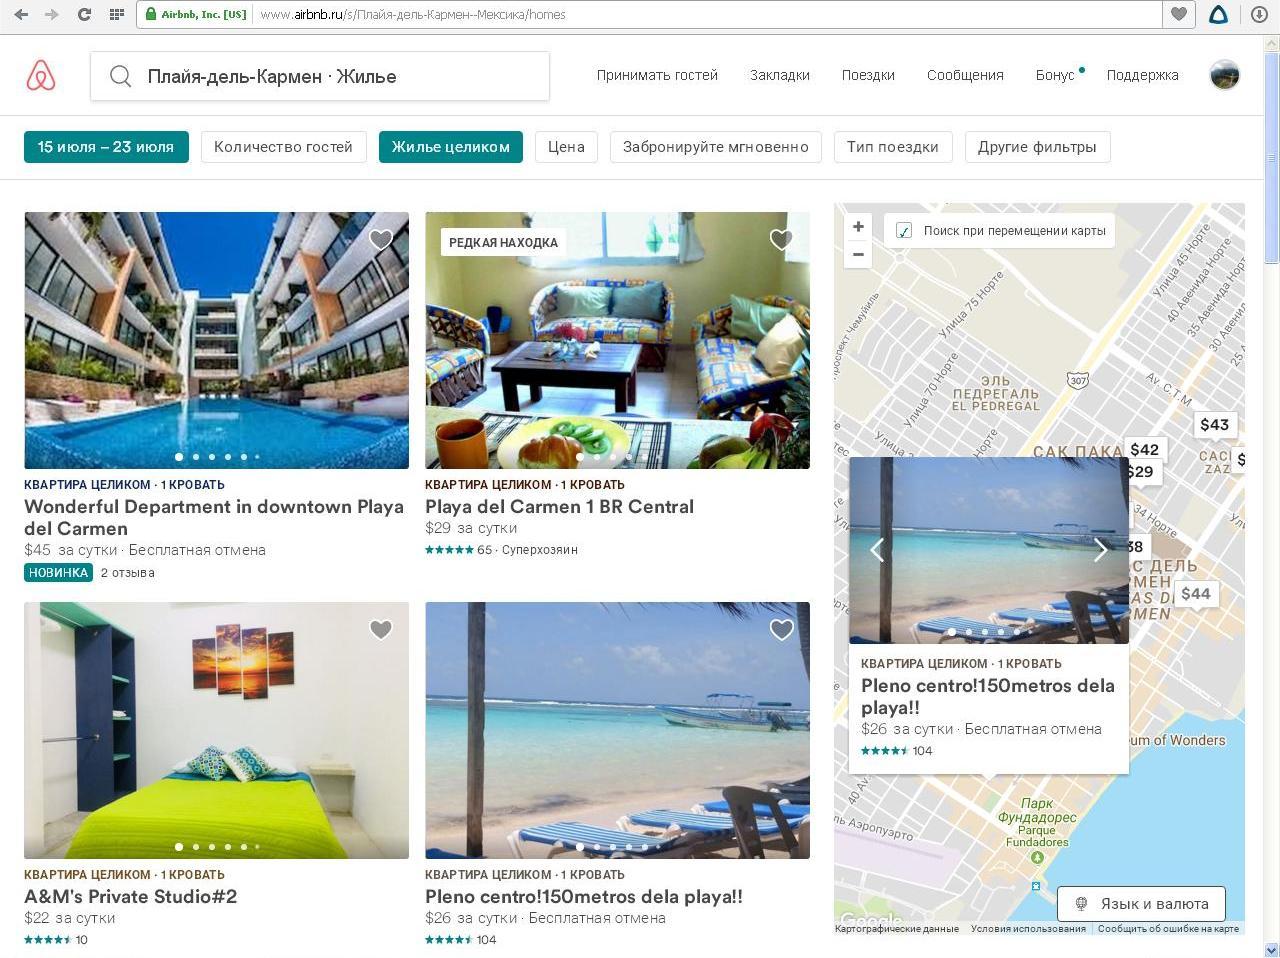 бронировать жильё airbnb